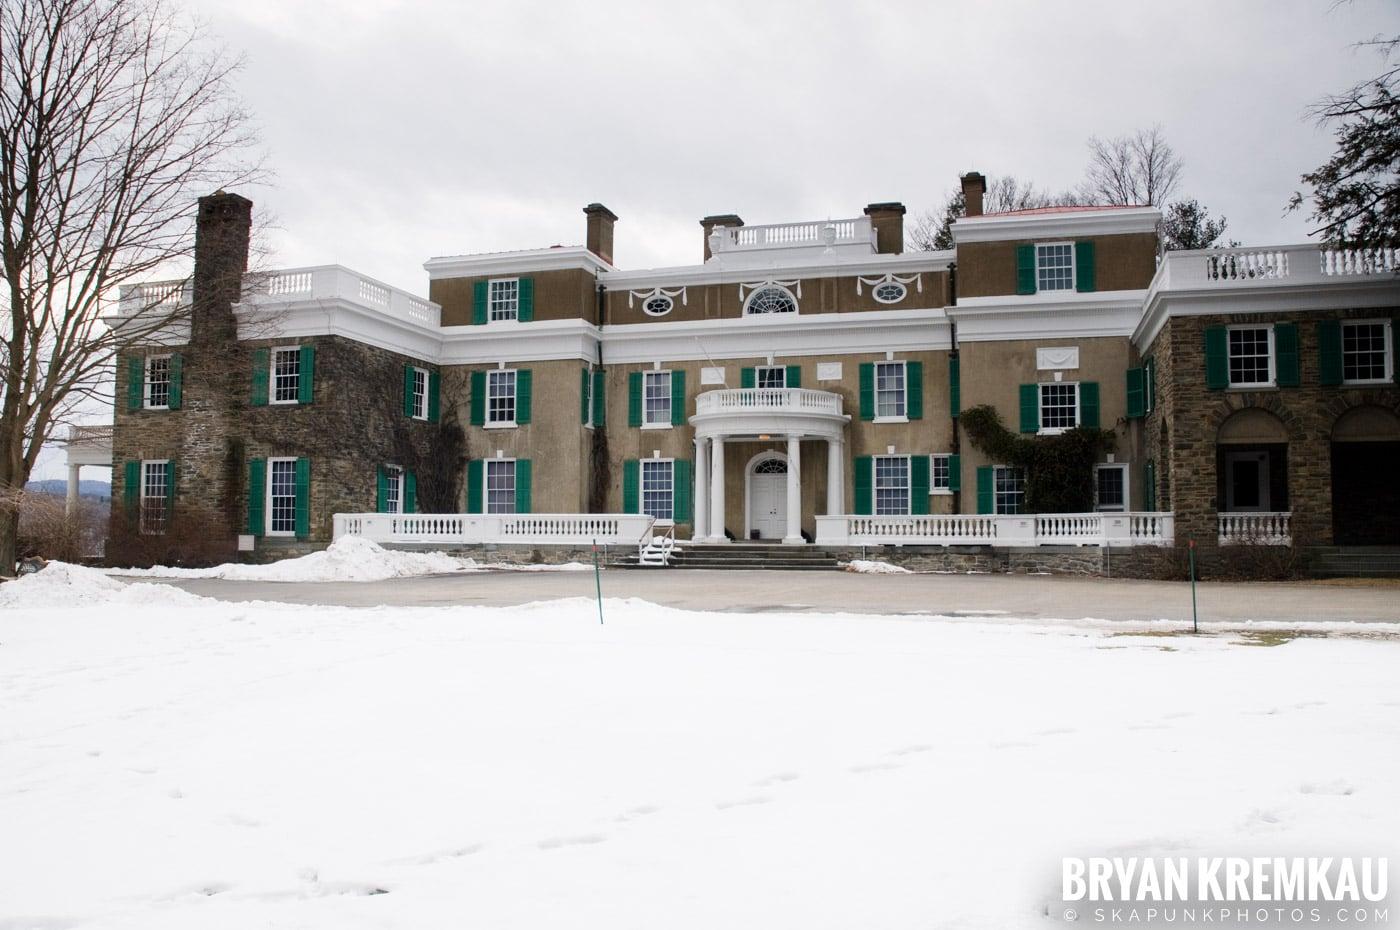 Valentine's Day Trip @ Rhinebeck, FDR's Home, Vanderbilt, Wilderstein Historic Site, NY - 2.14.10 (12)